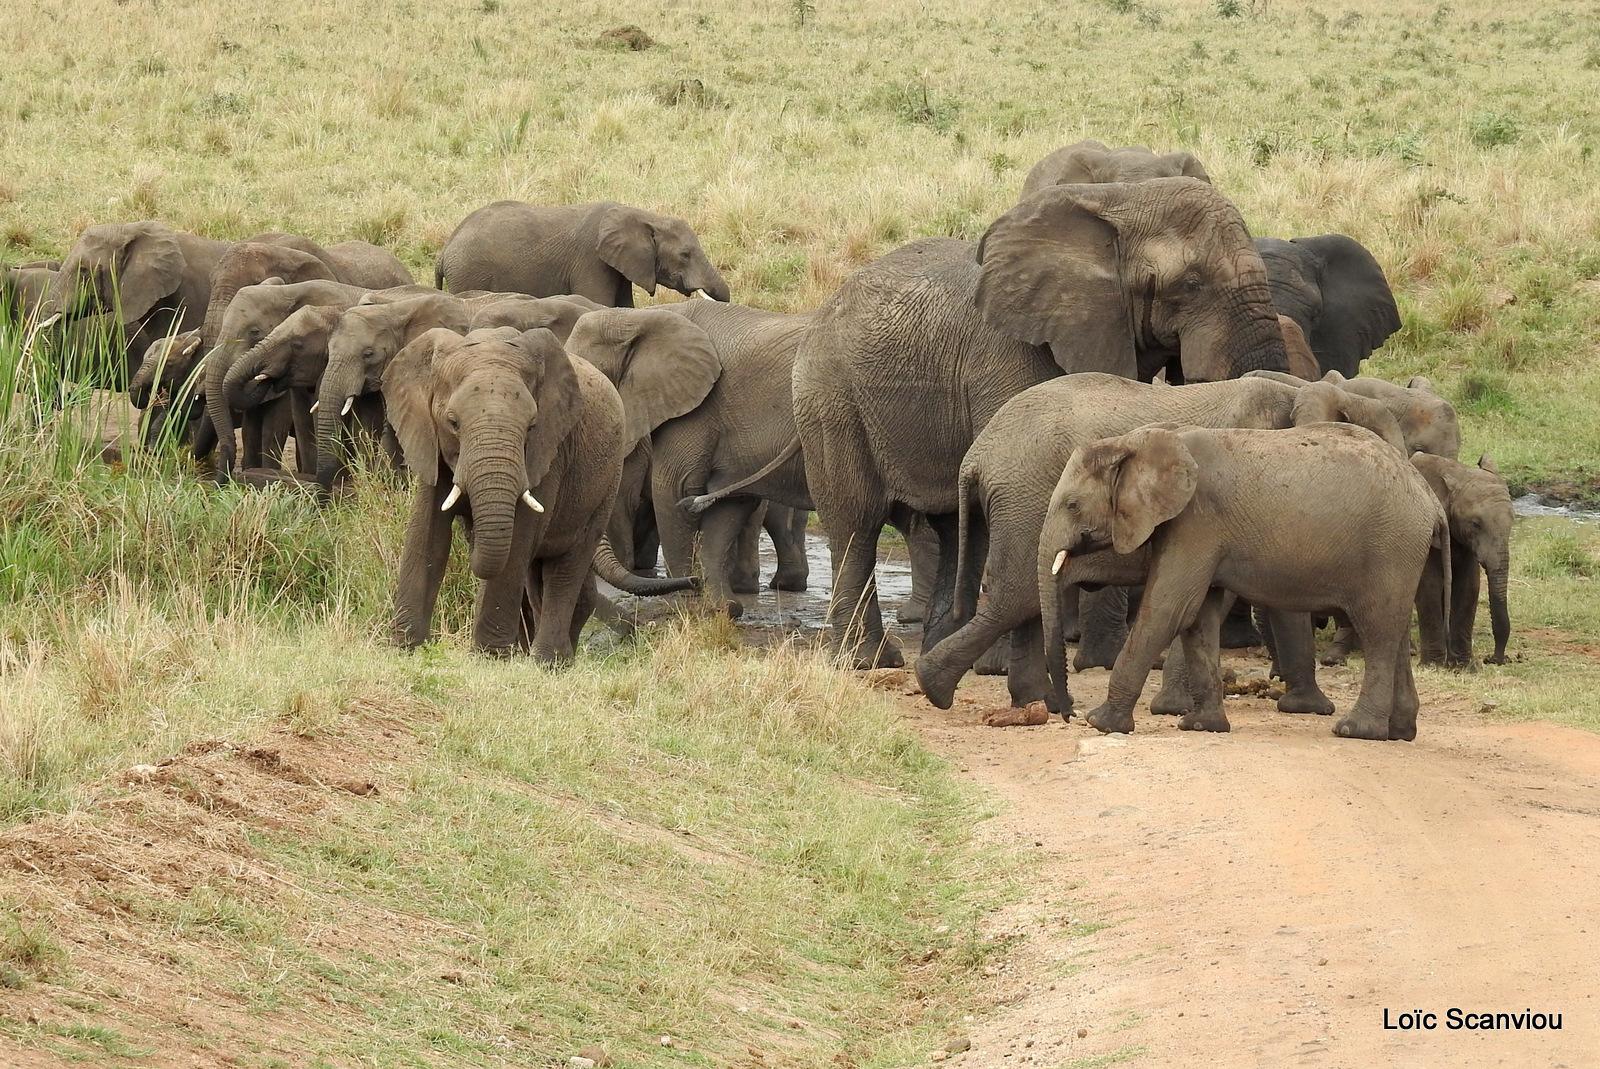 Éléphant de savane d'Afrique/Savanna Elephant (84)